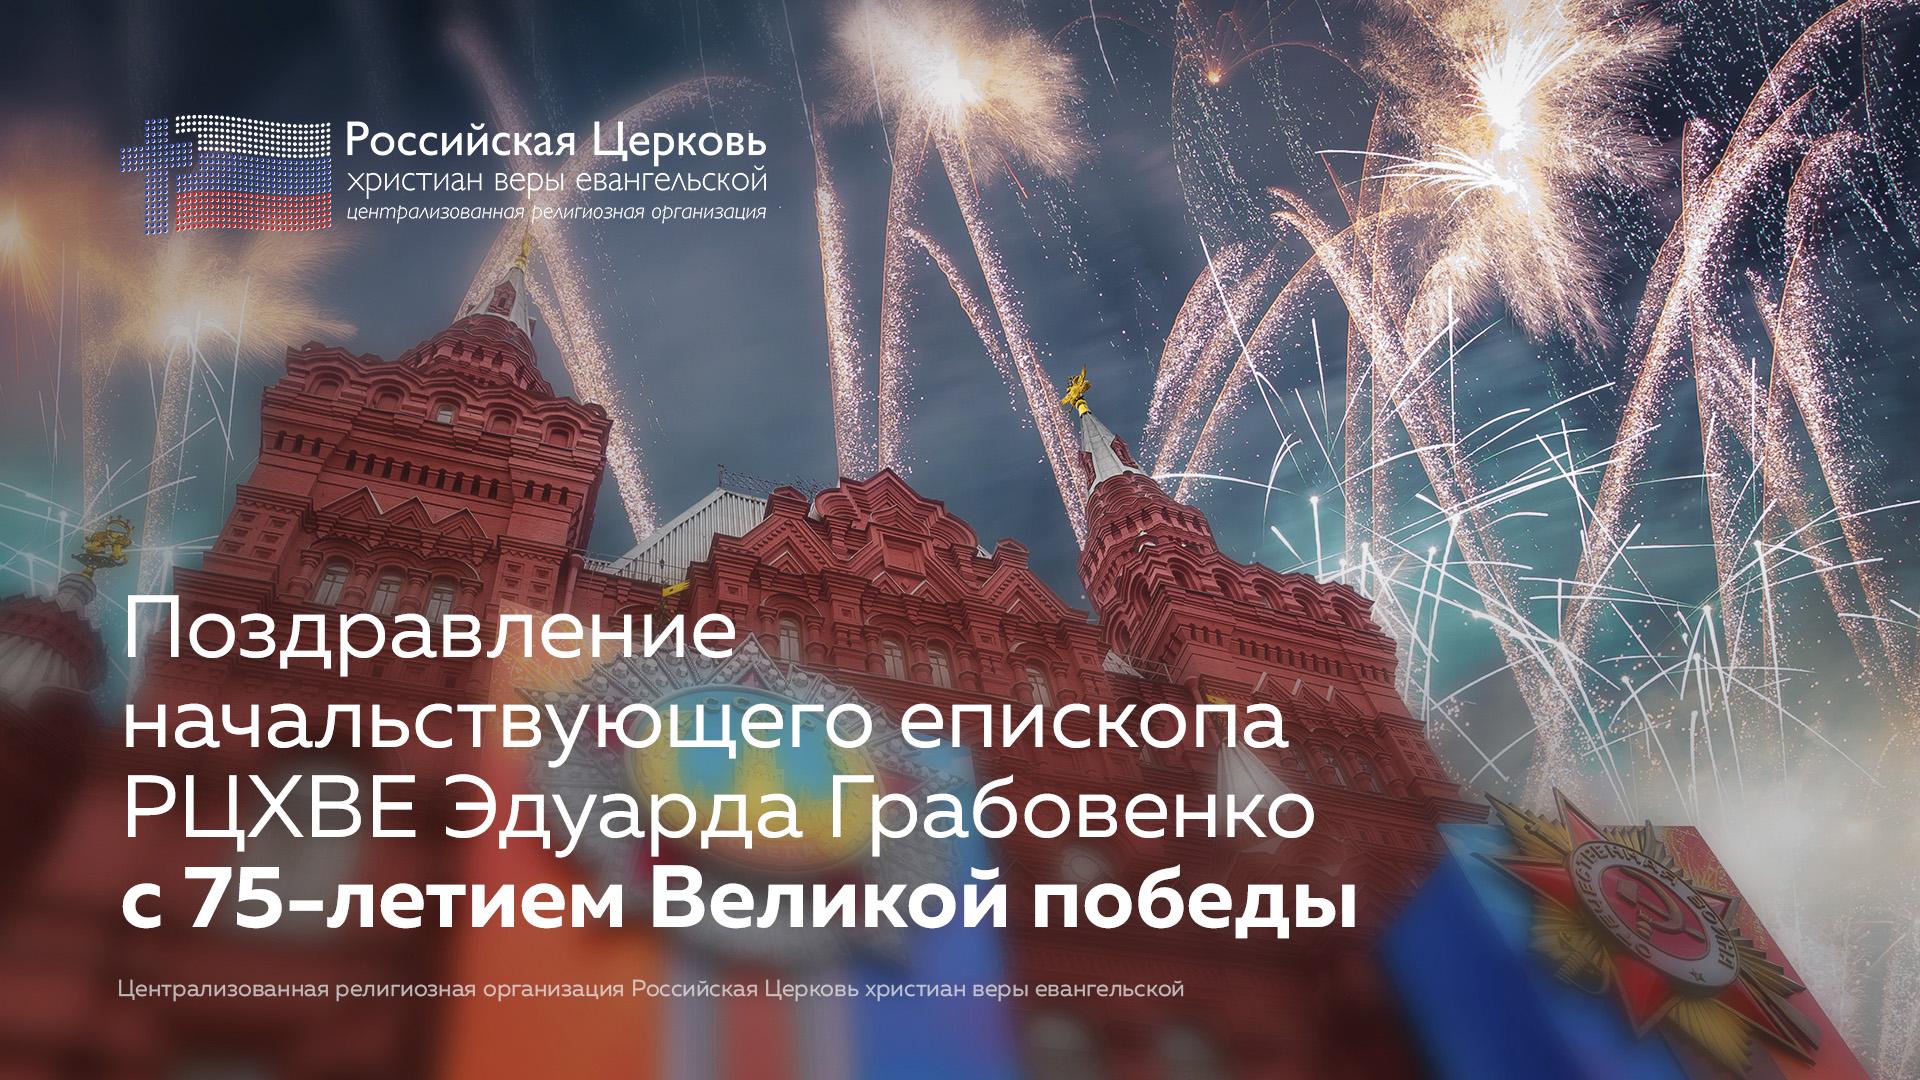 Поздравление начальствующего епископа РЦХВЕ Эдуарда Грабовенко с 75-летием Великой победы